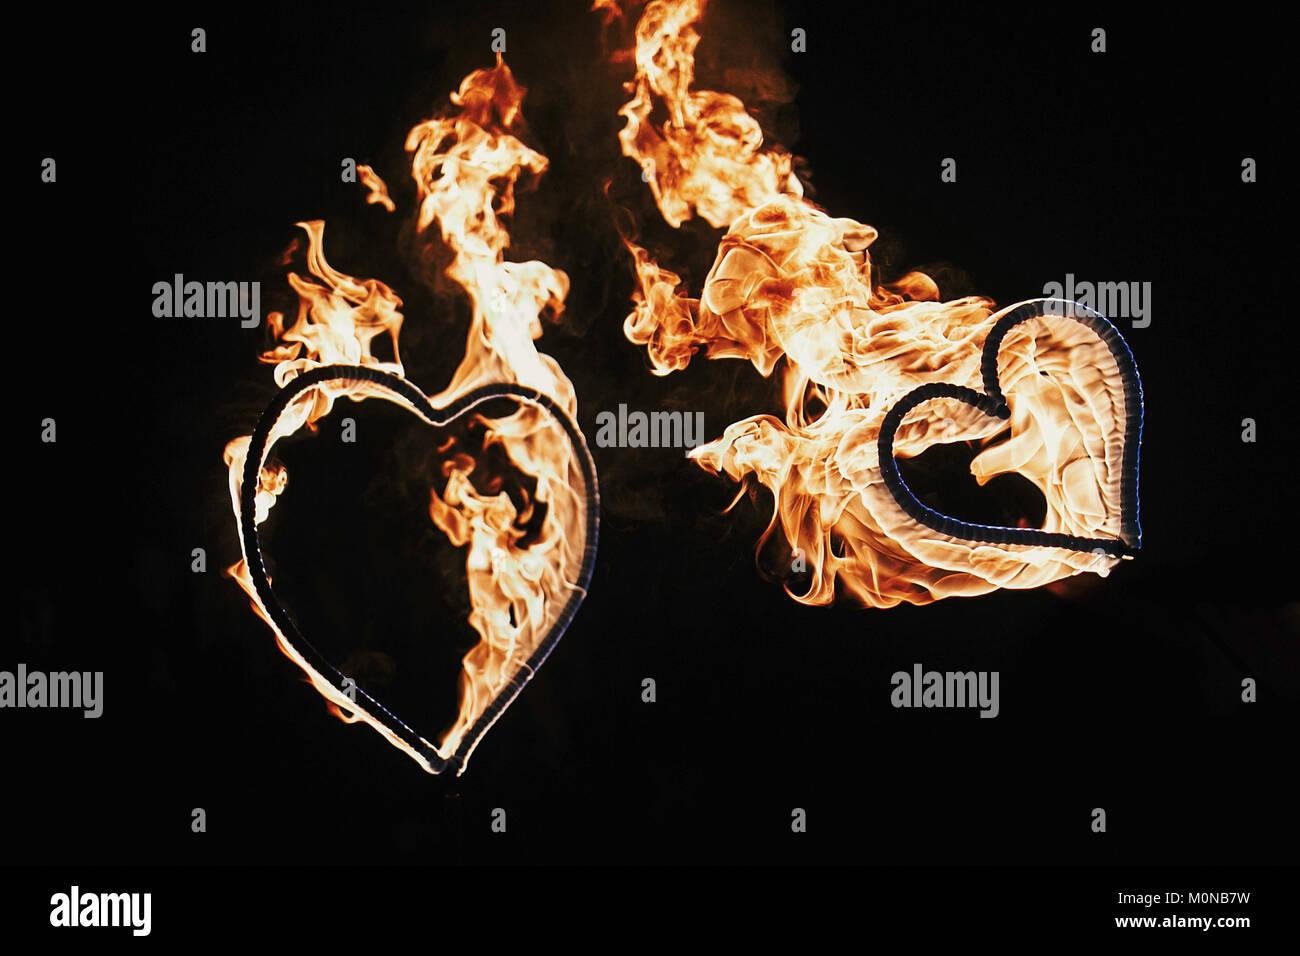 D'artifice en forme de deux coeurs sur fond noir, spectacle de feu dans la nuit. Happy Valentine's day card. bengal fire burning heart. espace pour mariage ou texte. Banque D'Images